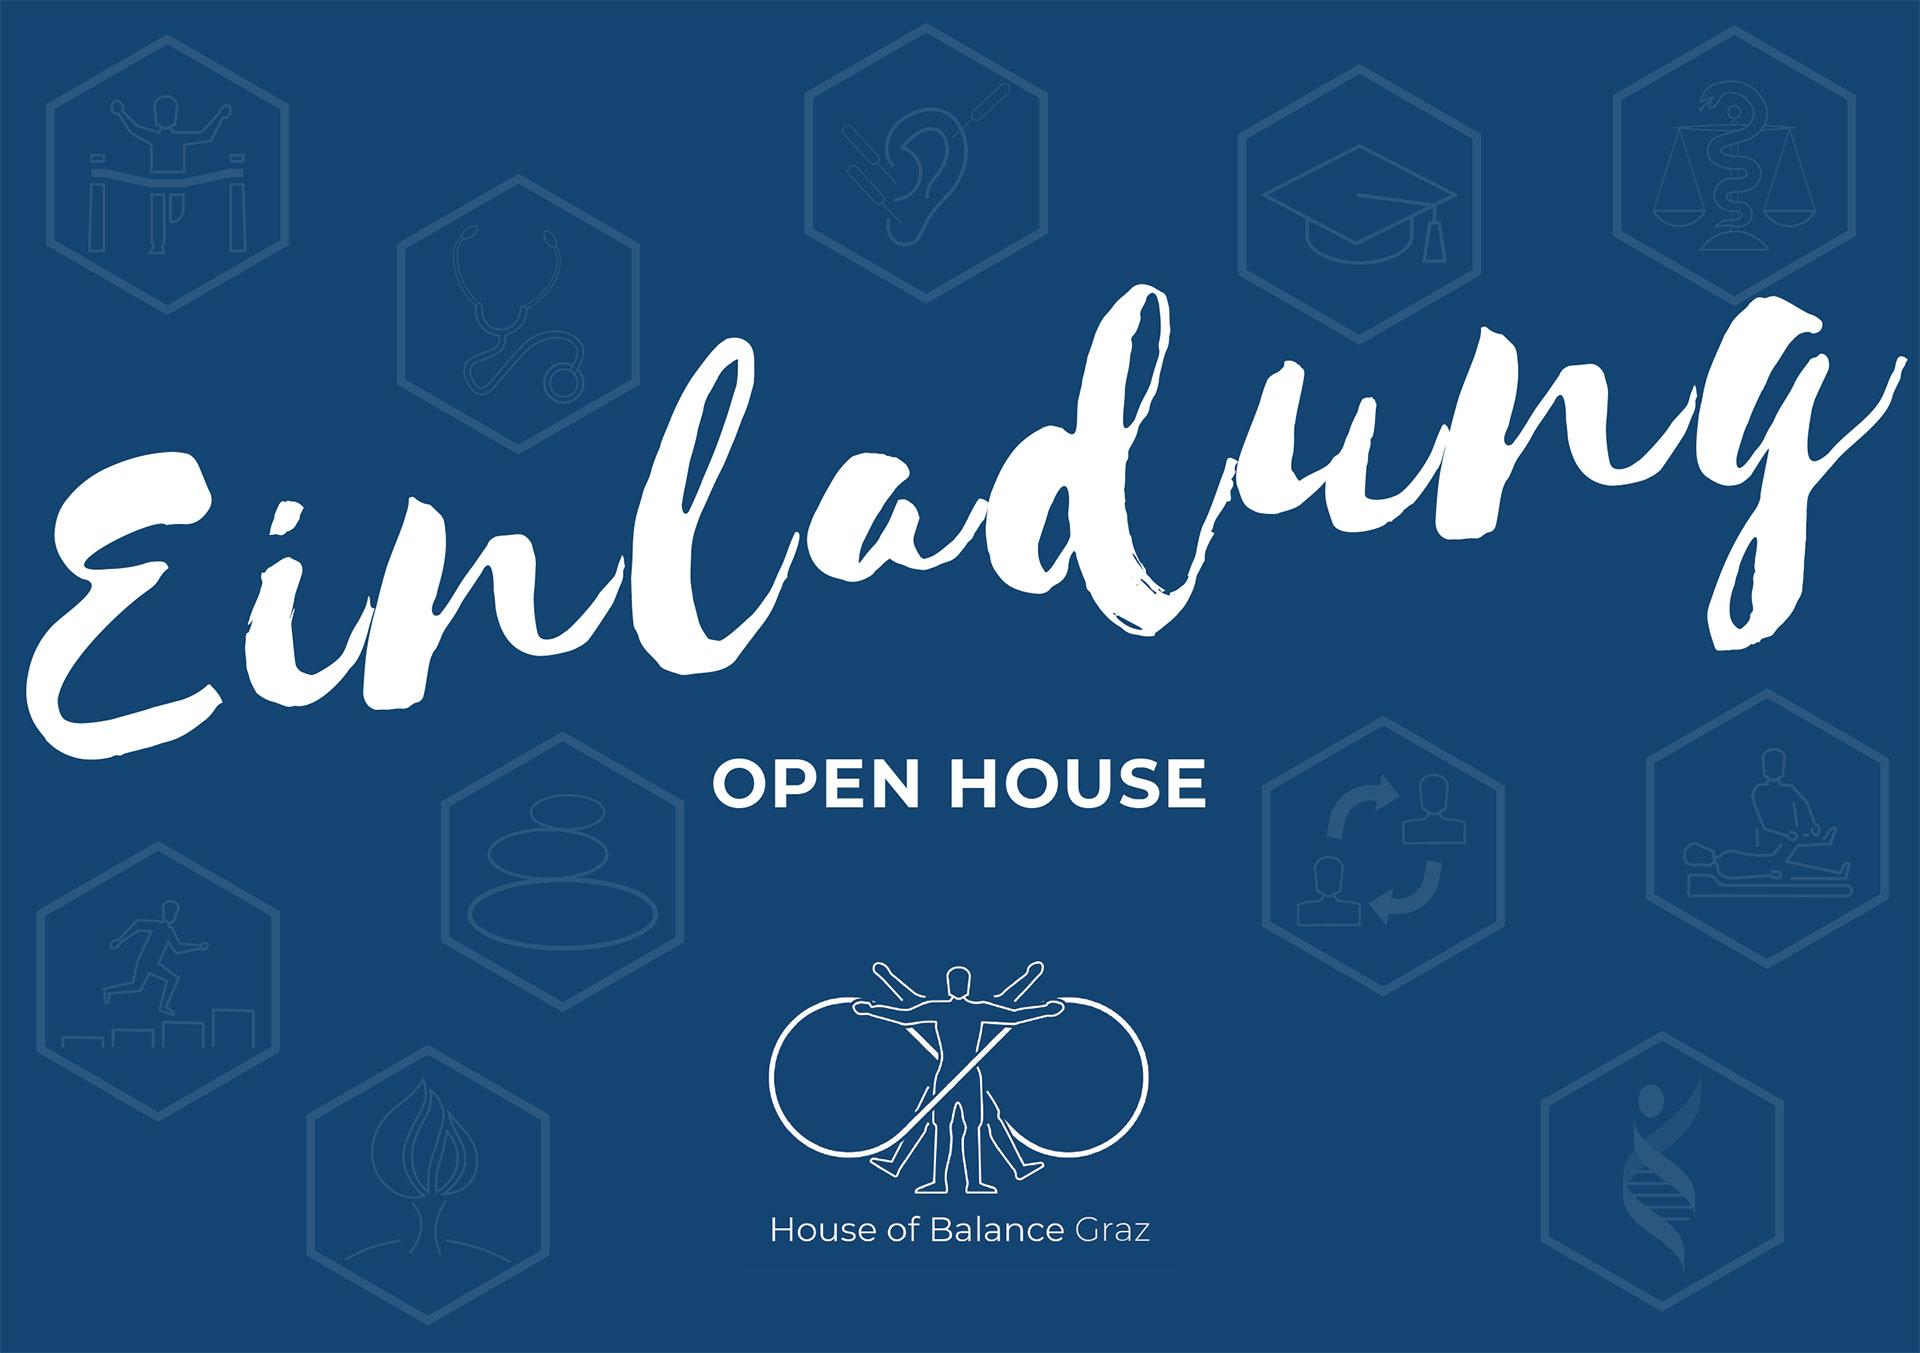 Einladung zur Eröffnung House of Balance Graz